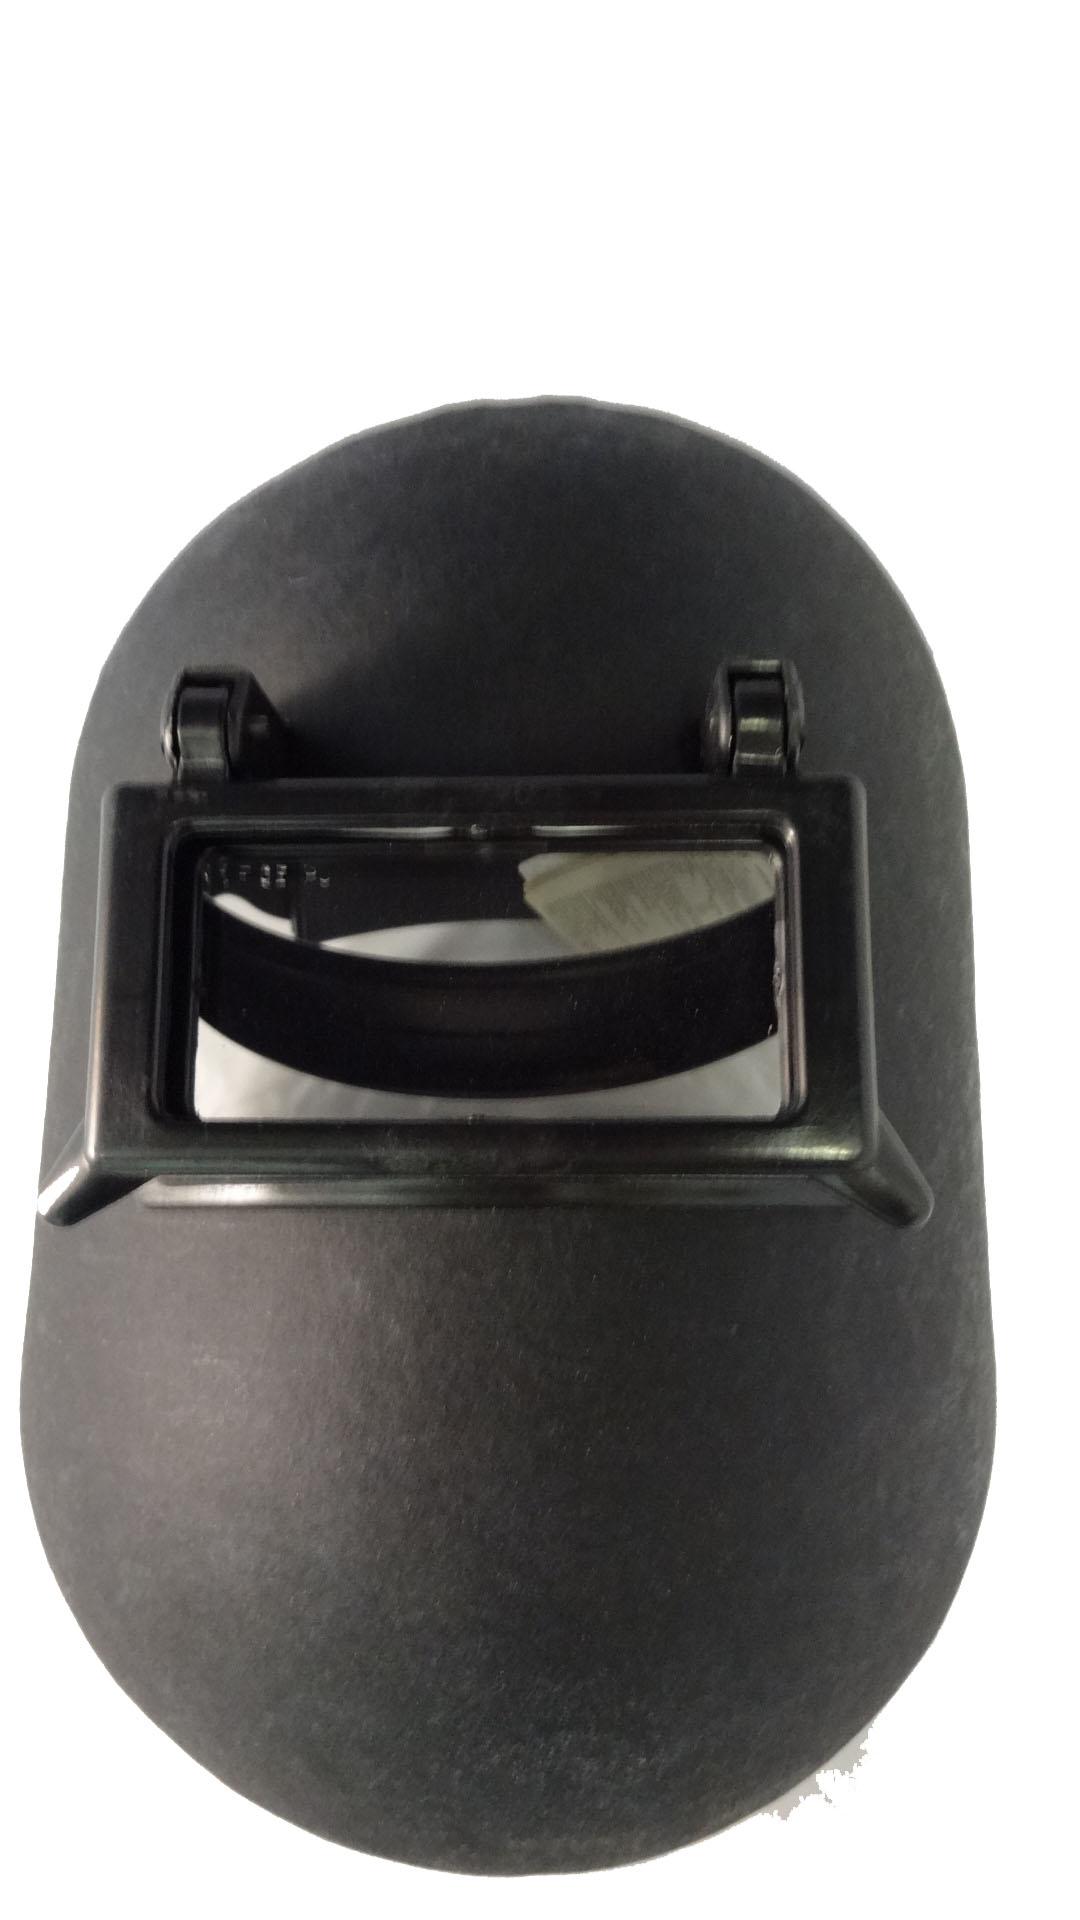 Mig Welder For Sale >> North® Welding Flip Front Head Shield | Gasweld